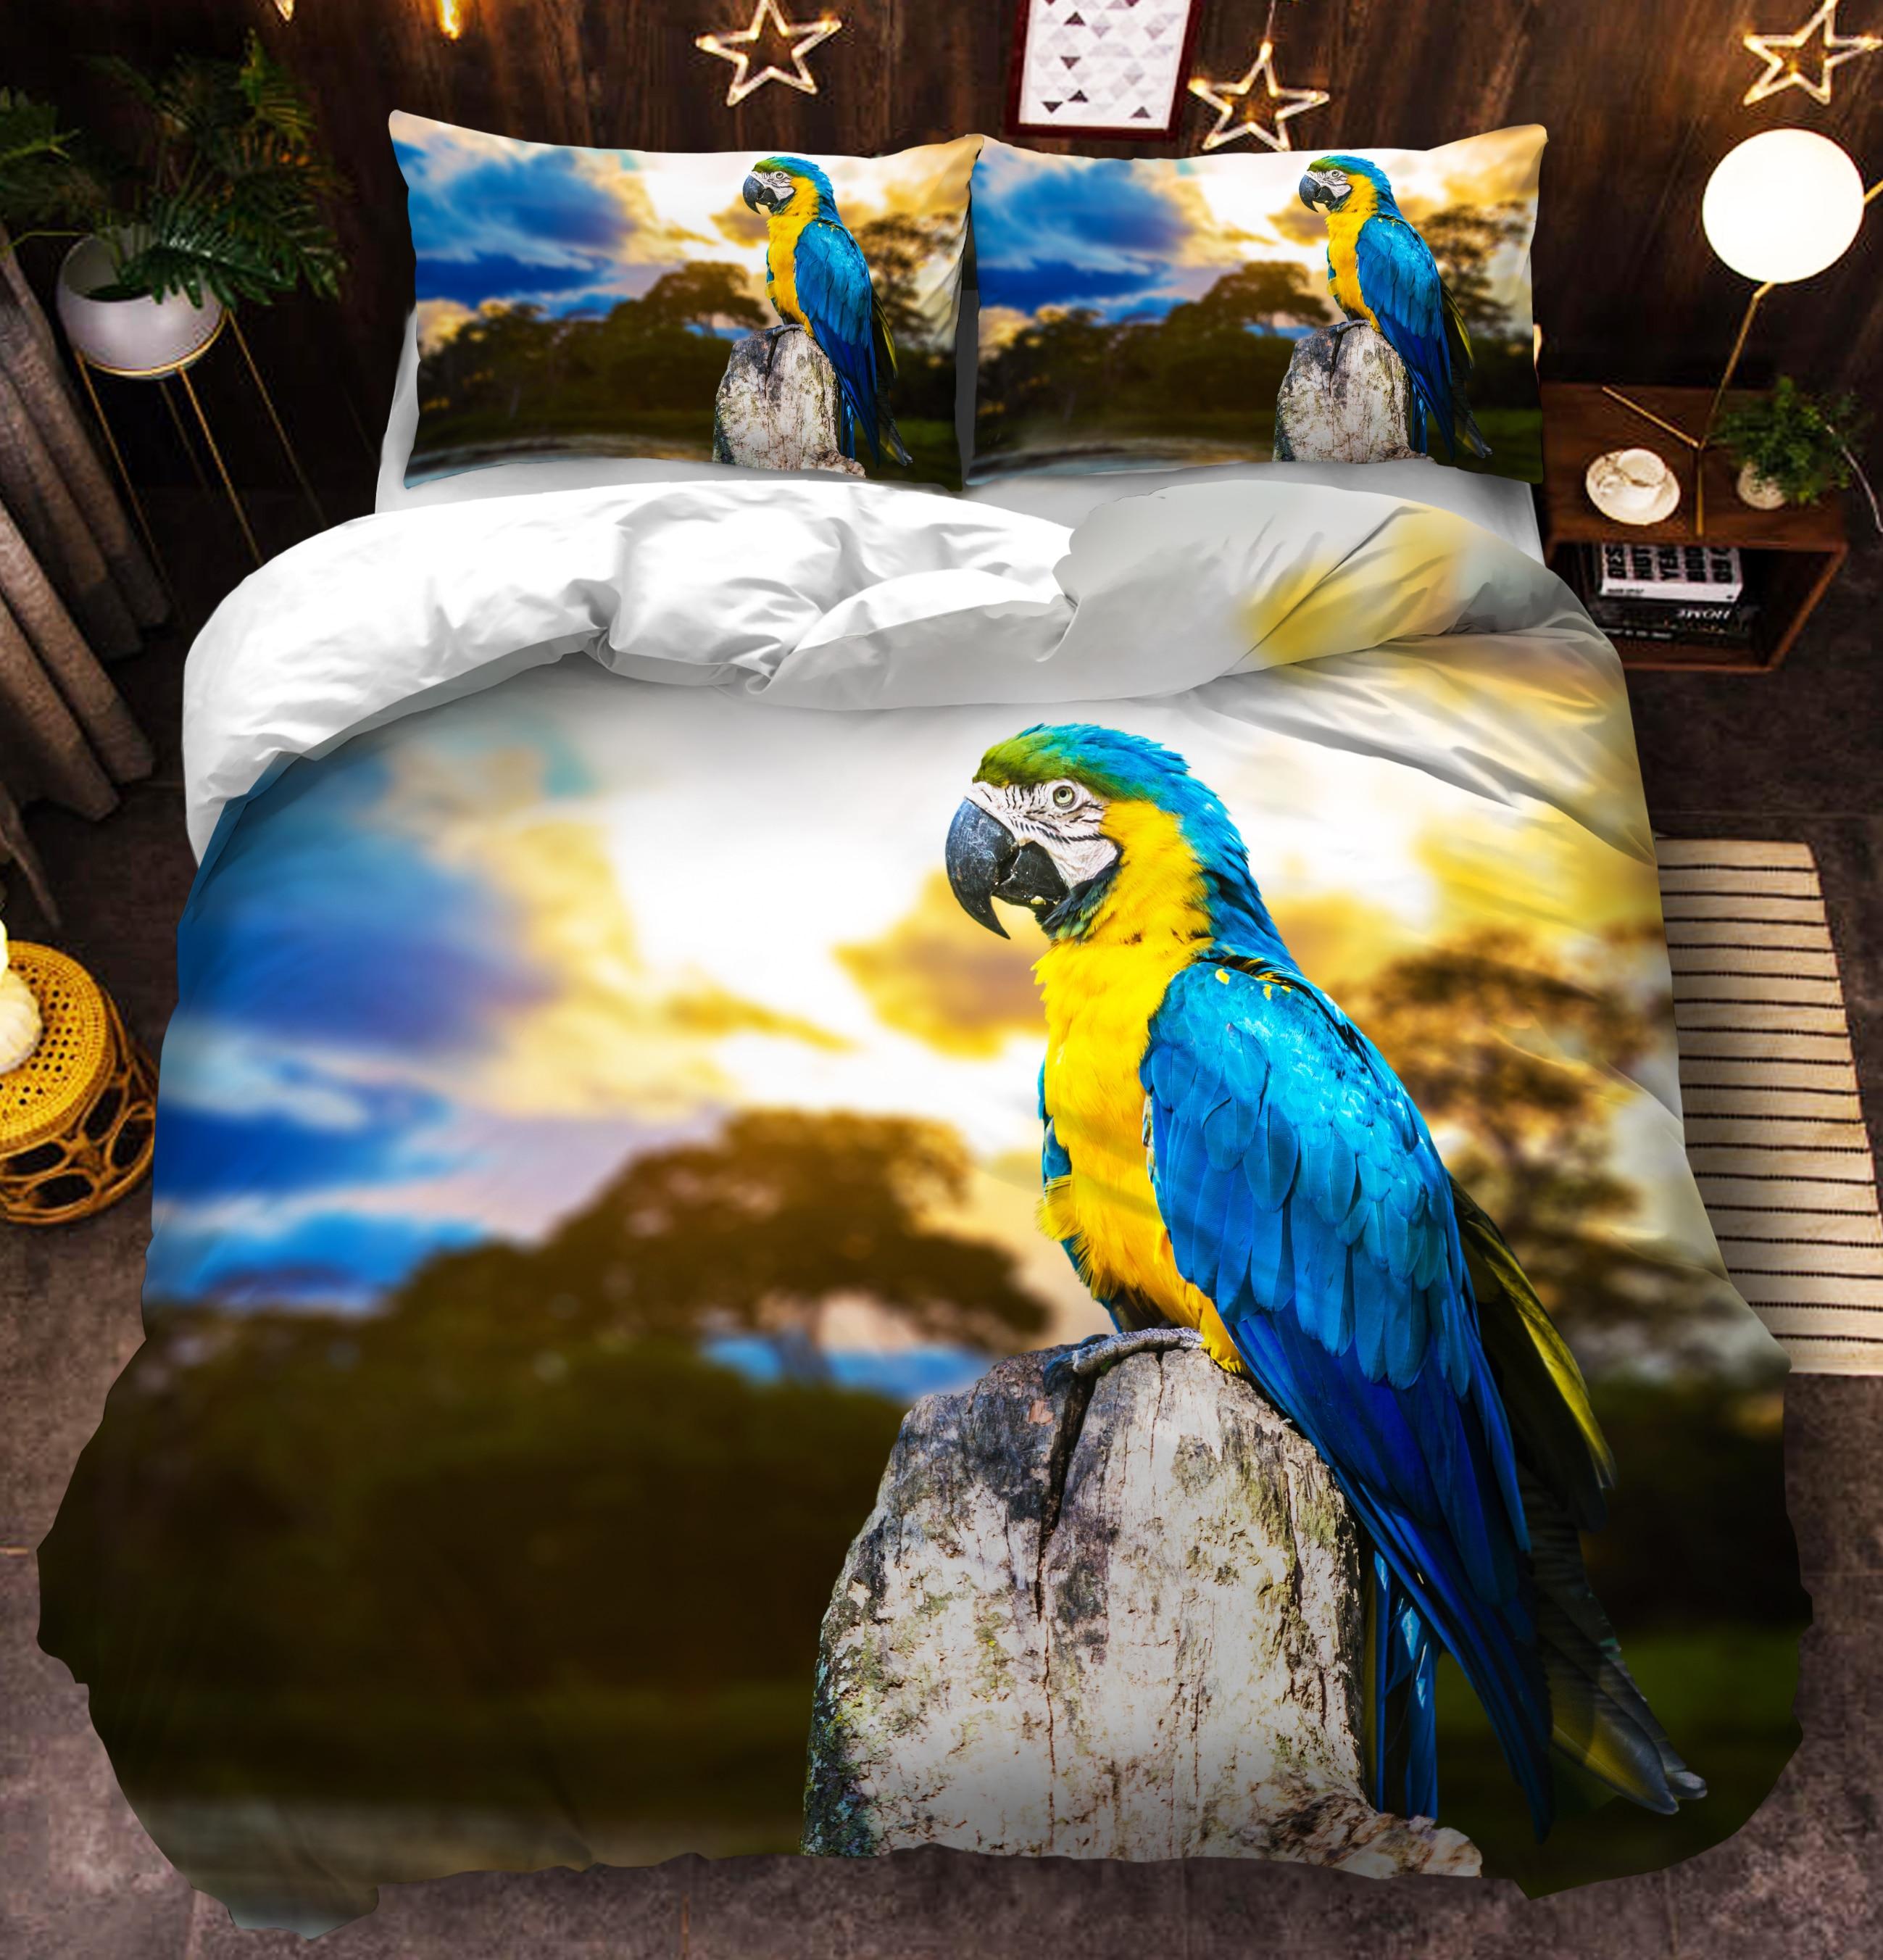 Купить комплект постельного белья с попугаем двойной полный королевский